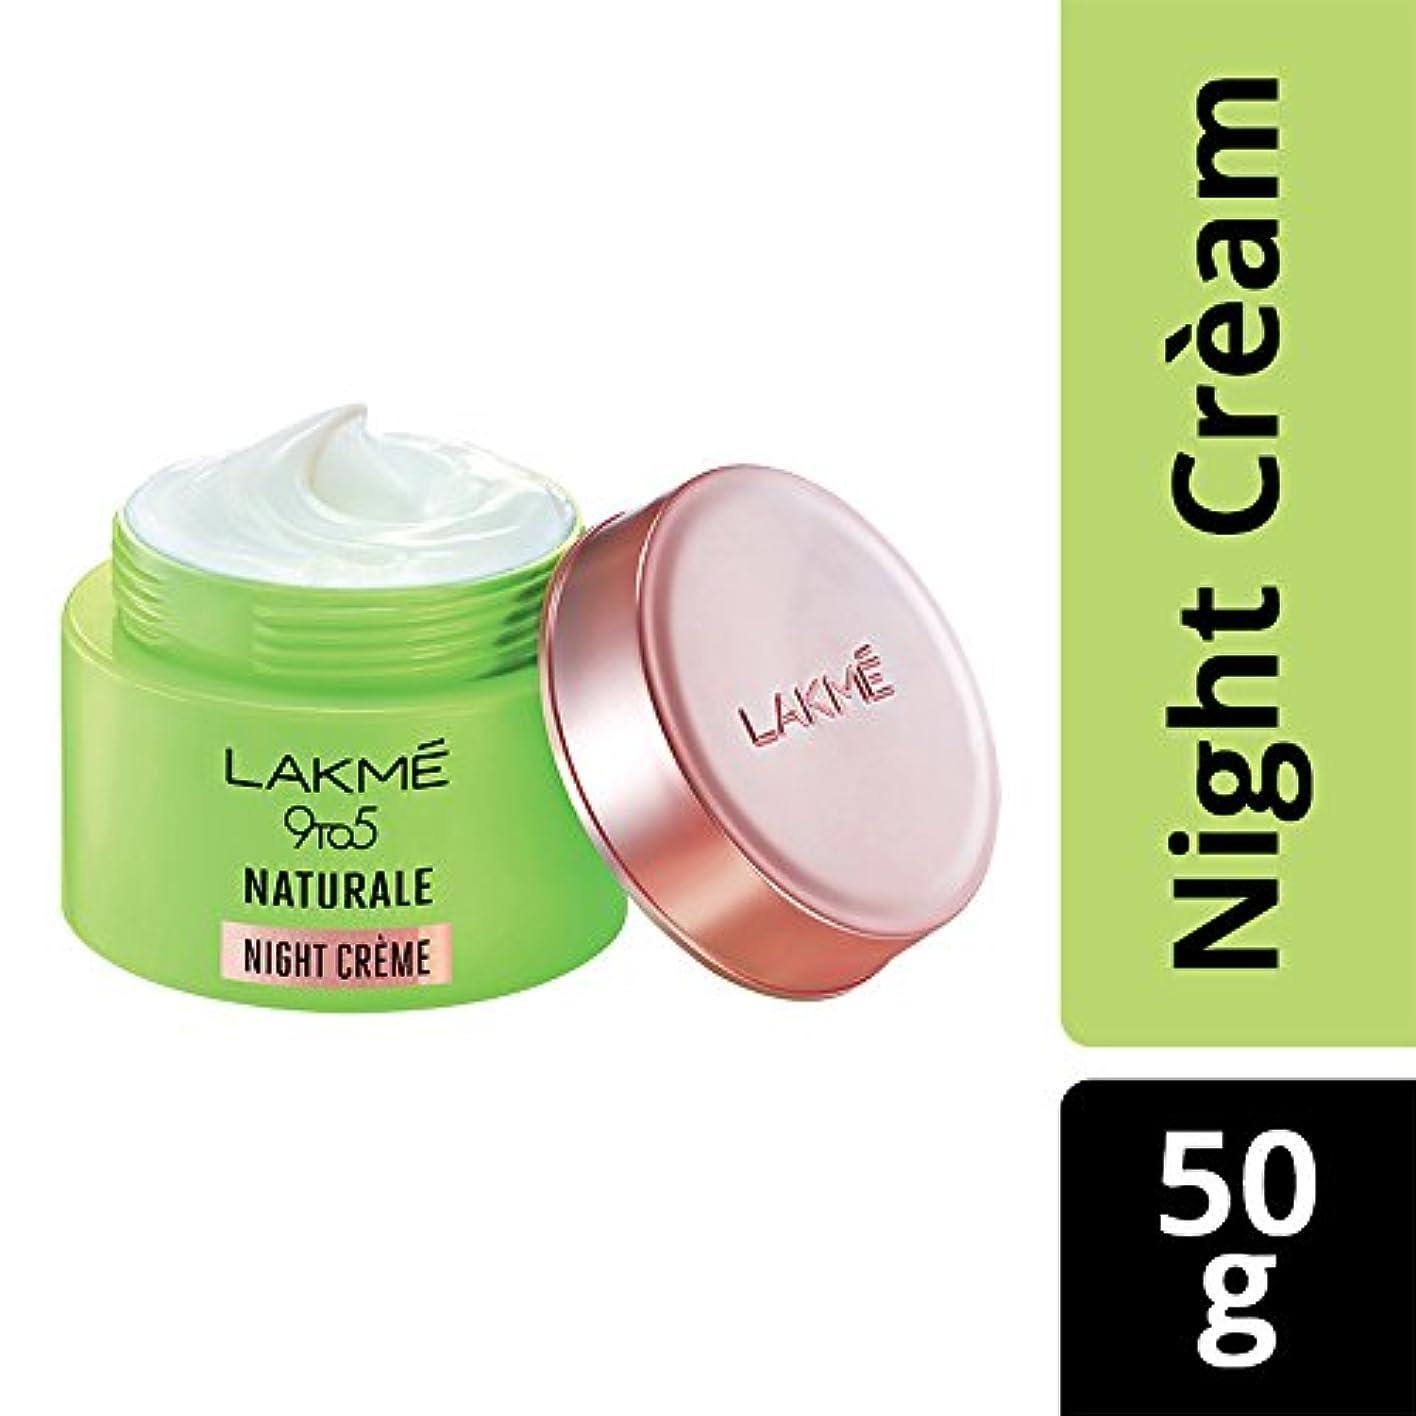 なしで陰気交換Lakme 9 to 5 Naturale Night Creme, 50 g